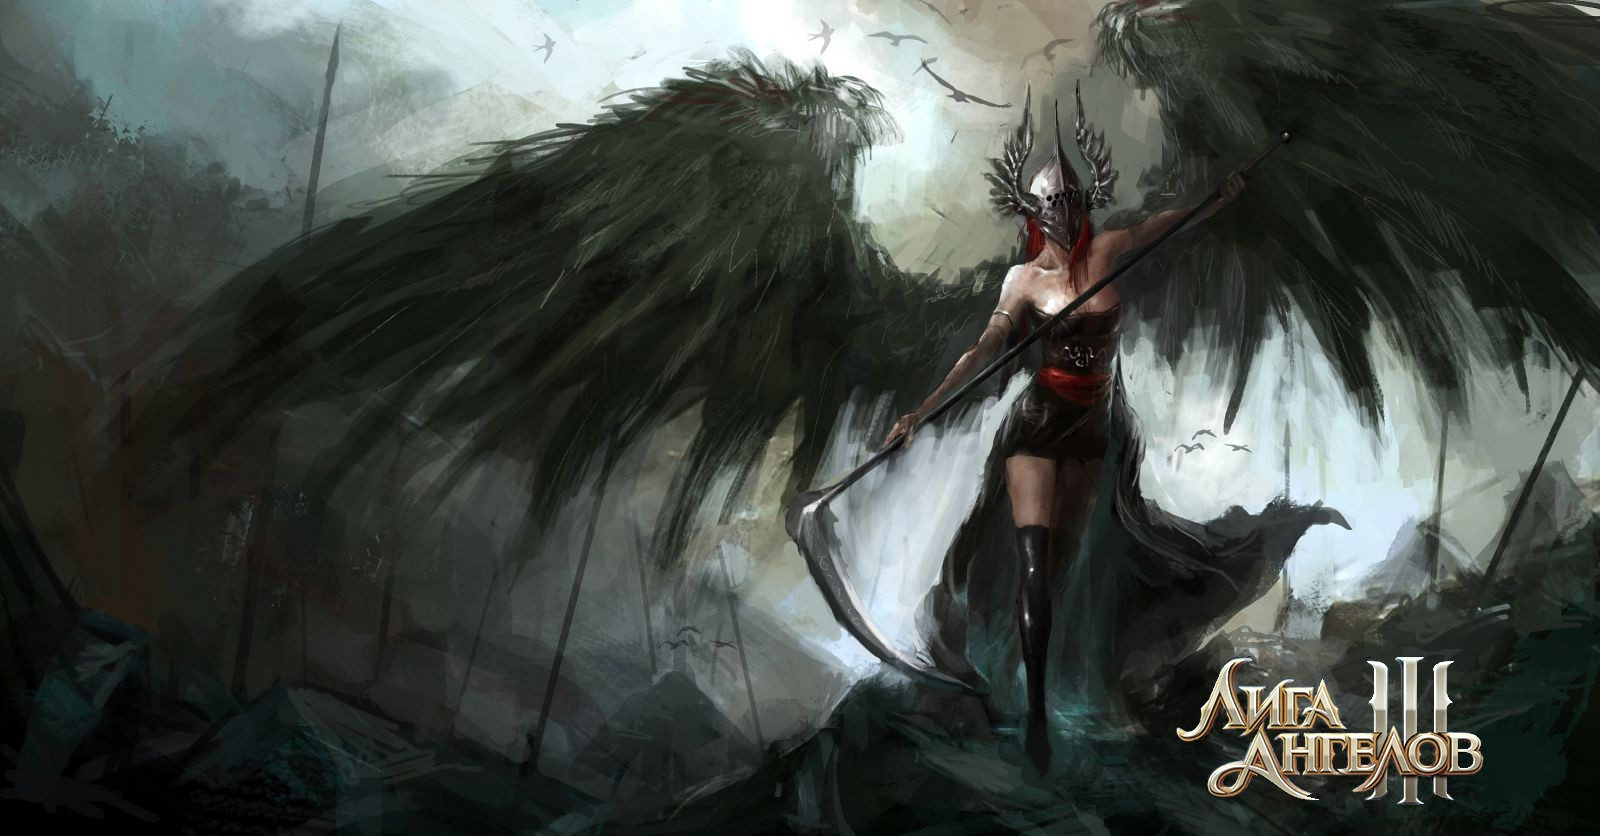 Заставка игры Лига Ангелов 3